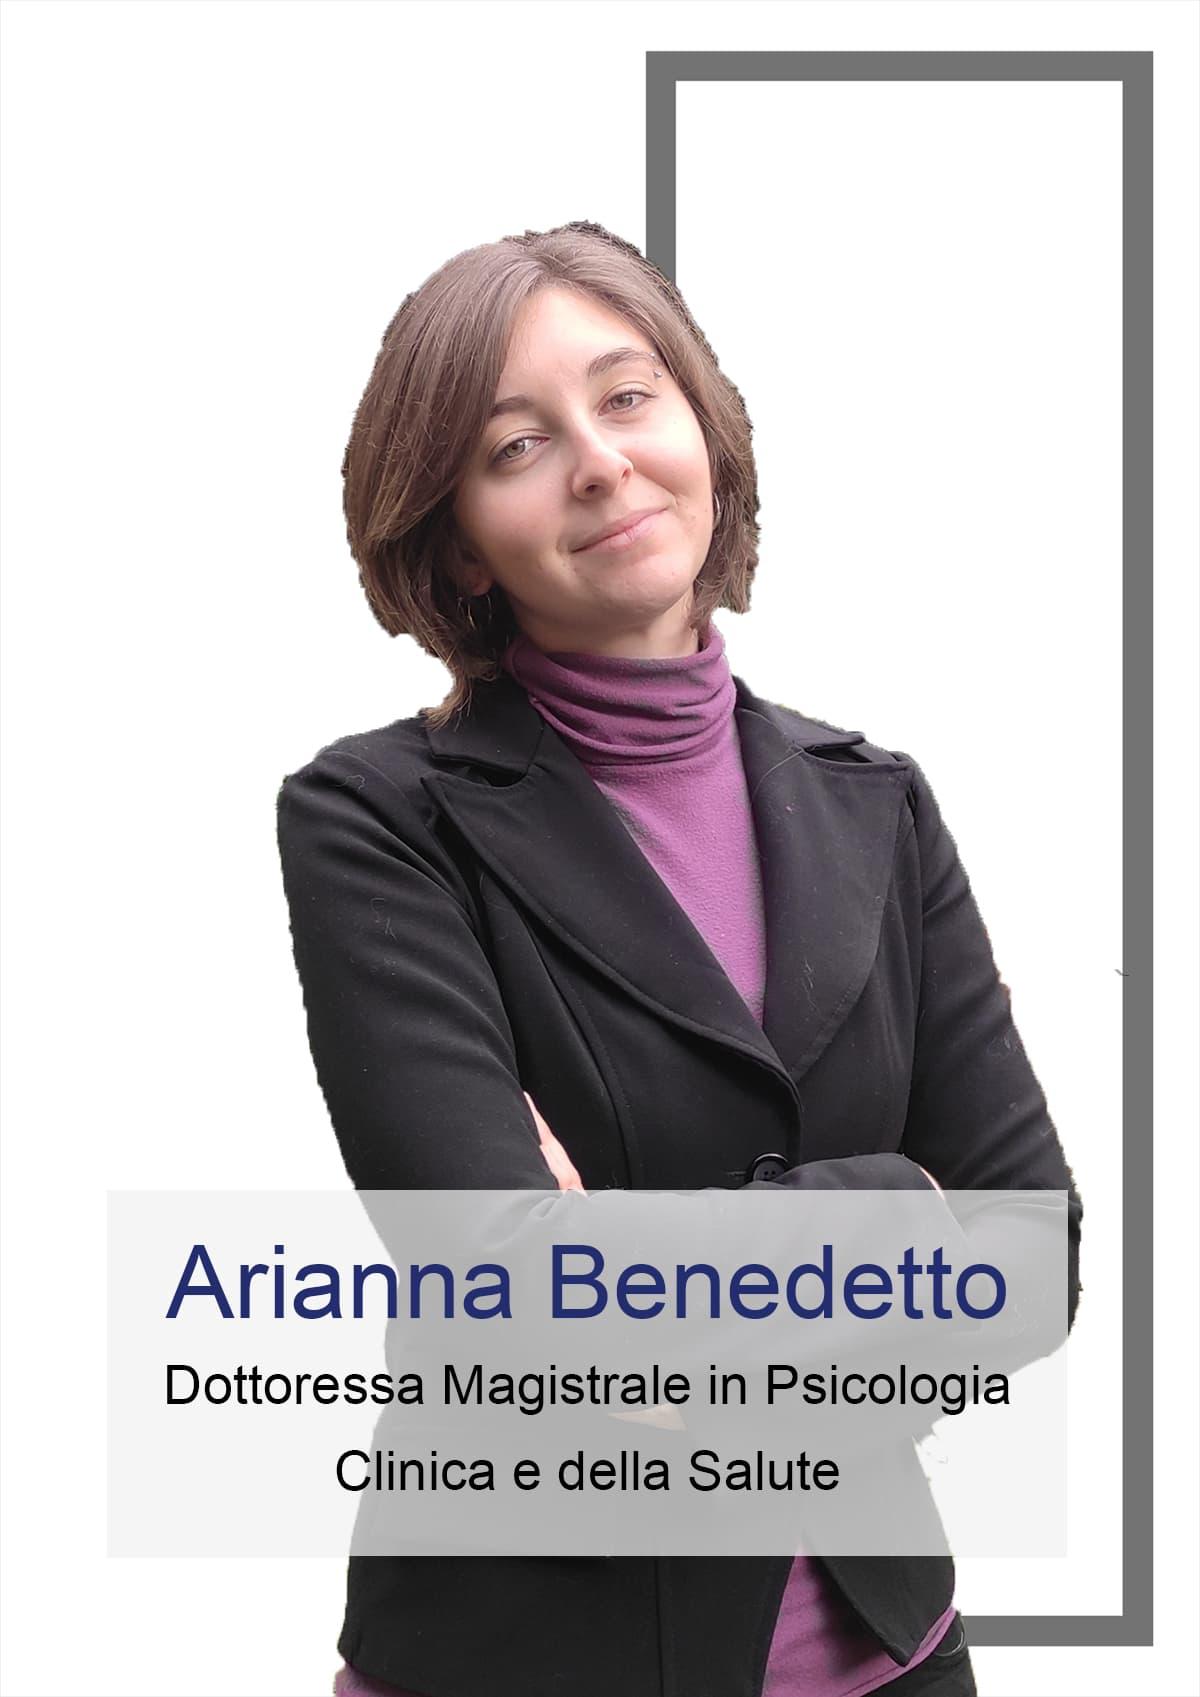 collaborazione-blog-psicologia-autore-arianna-benedetto